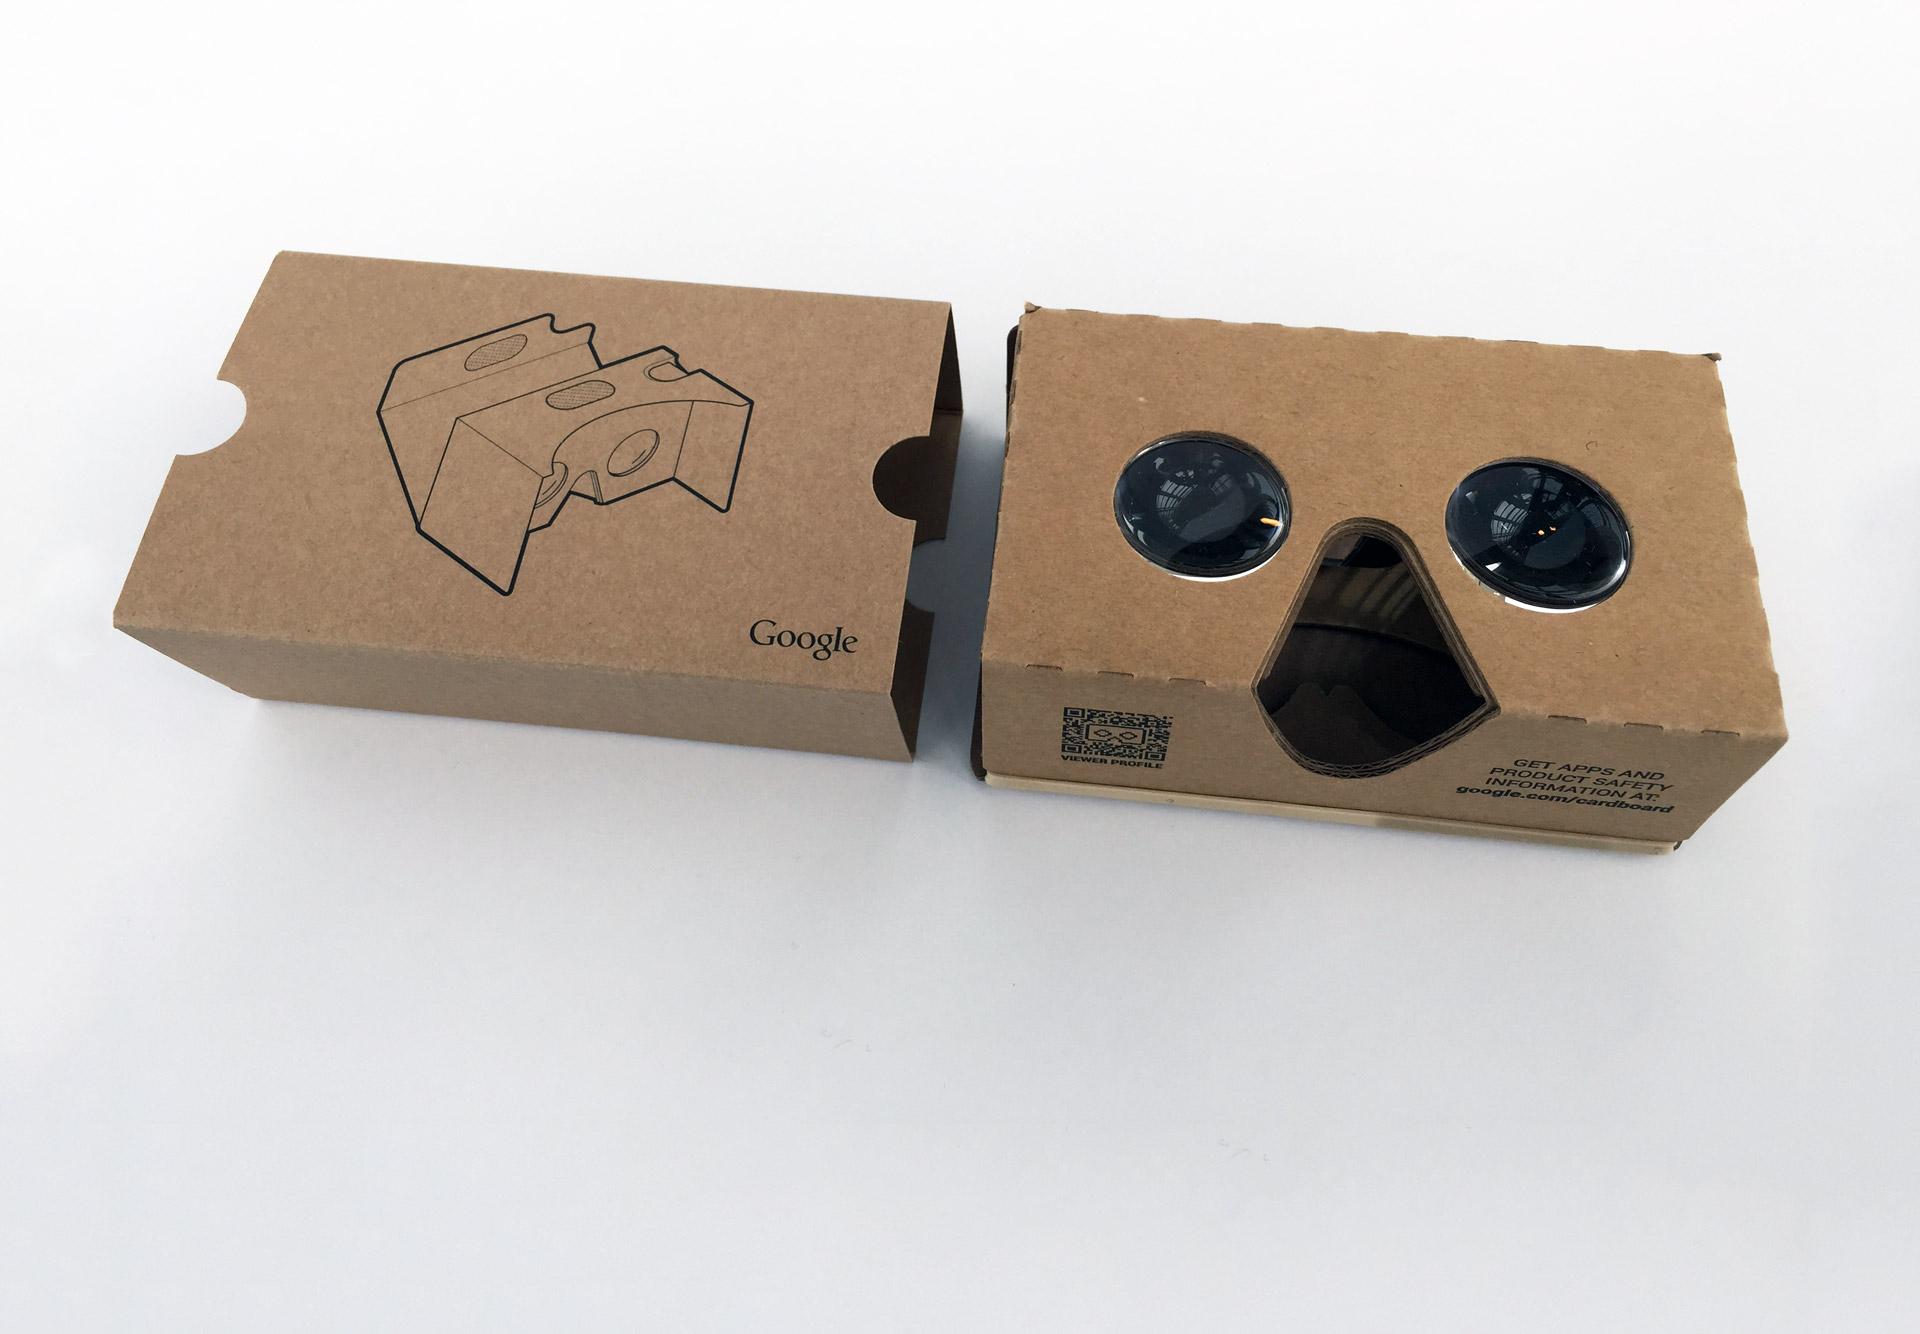 google-cardboard-viewer-1-million